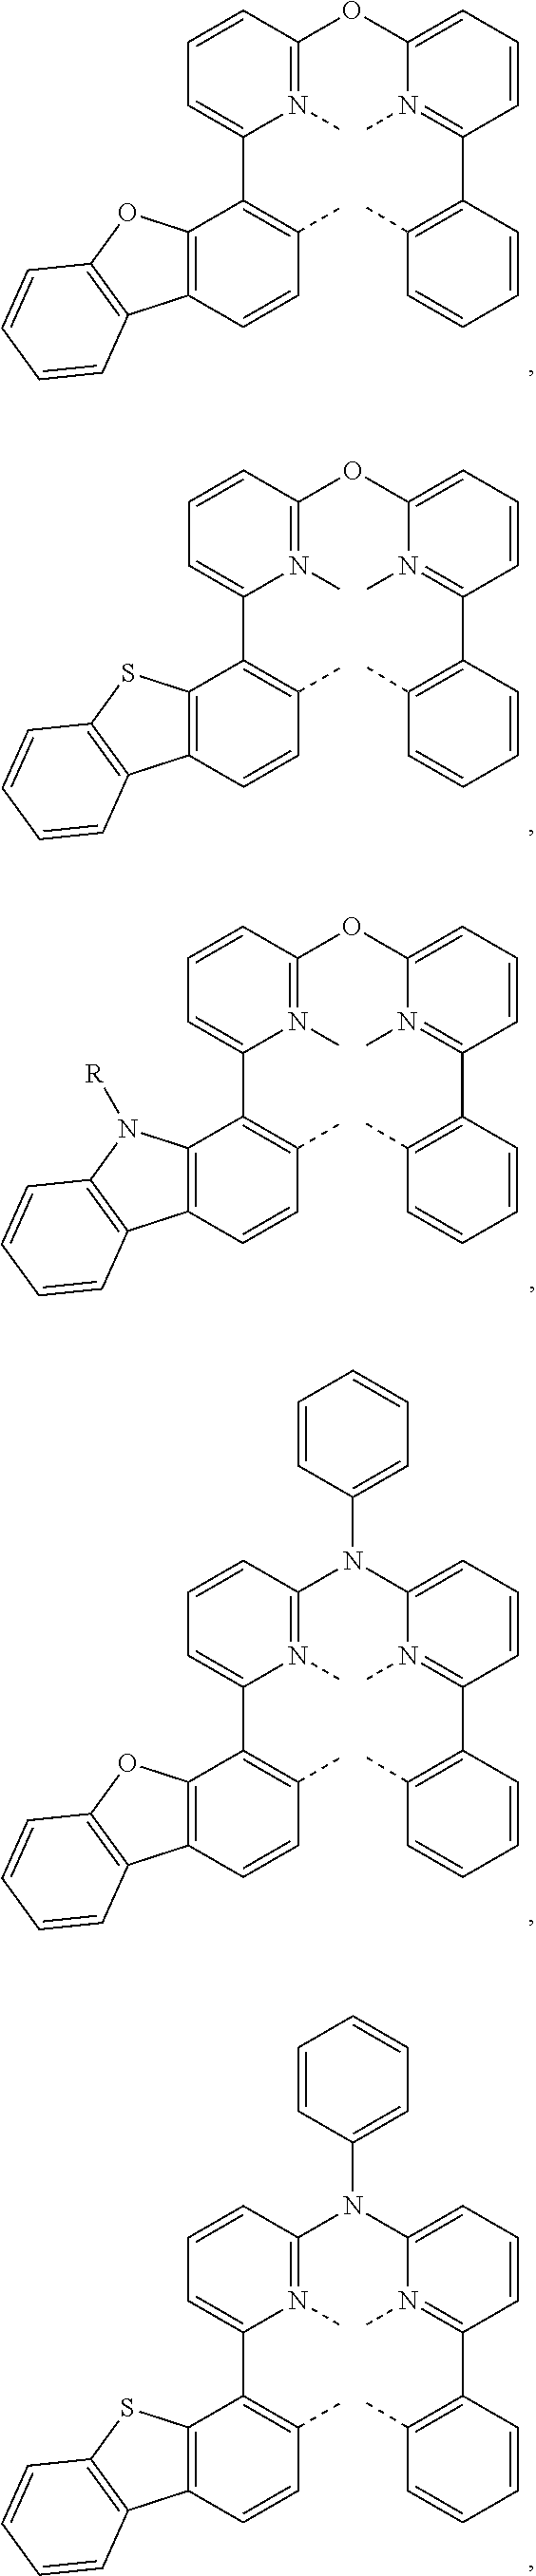 Figure US10056565-20180821-C00018